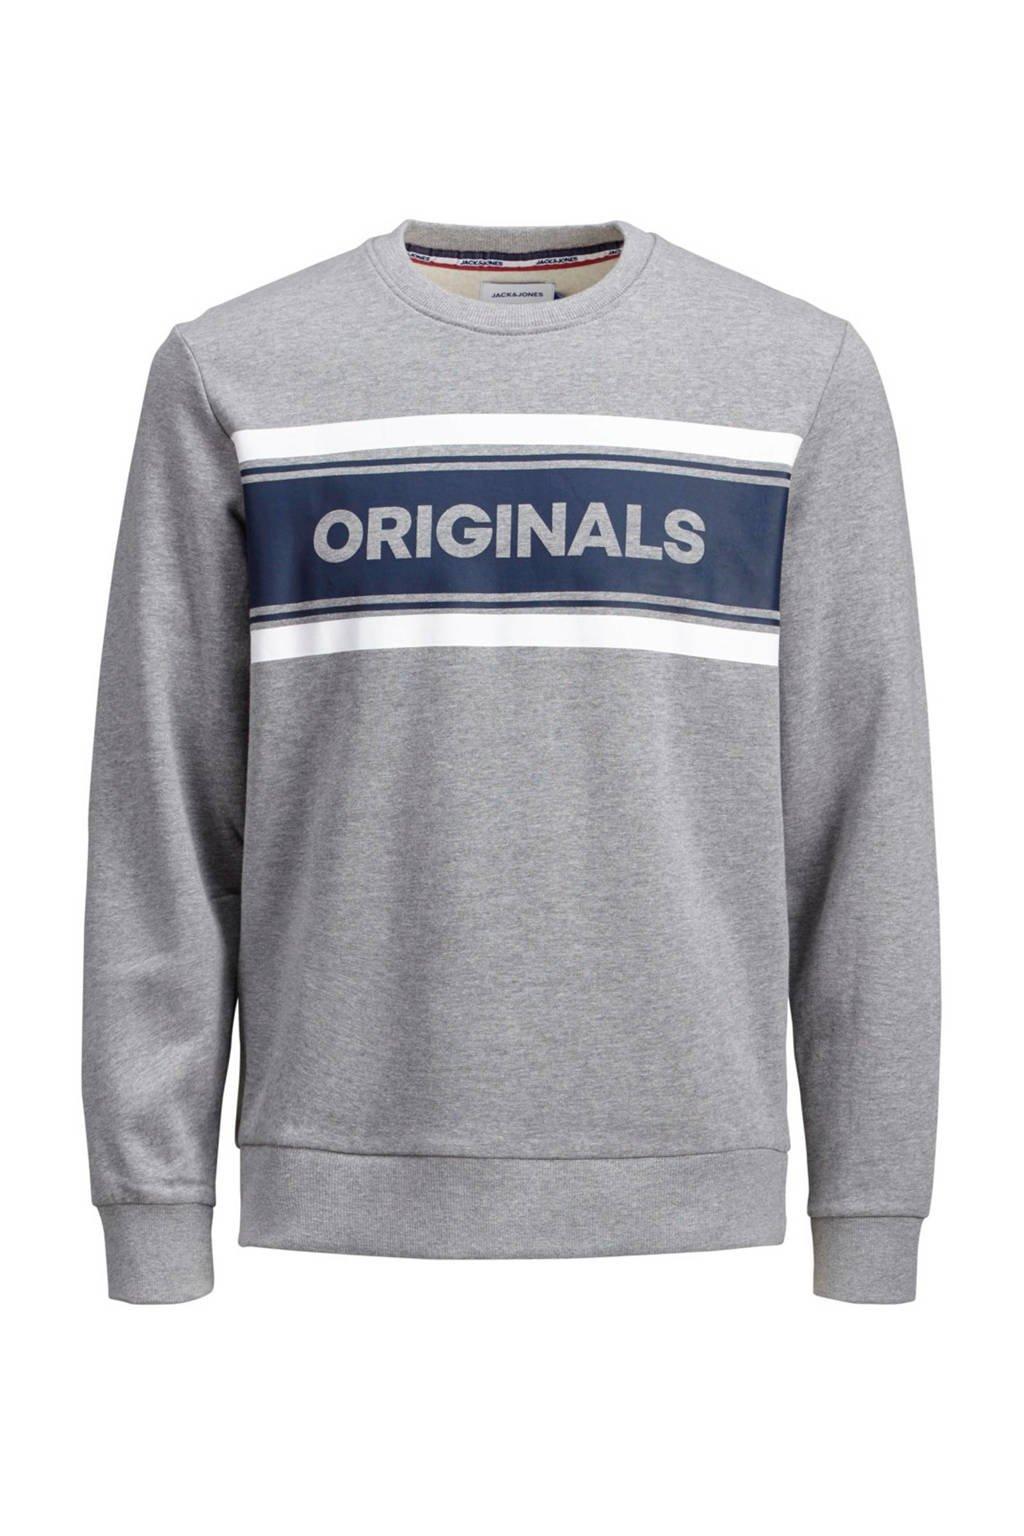 JACK & JONES JUNIOR sweater met printopdruk grijs/donkerblauw/wit, Grijs/donkerblauw/wit